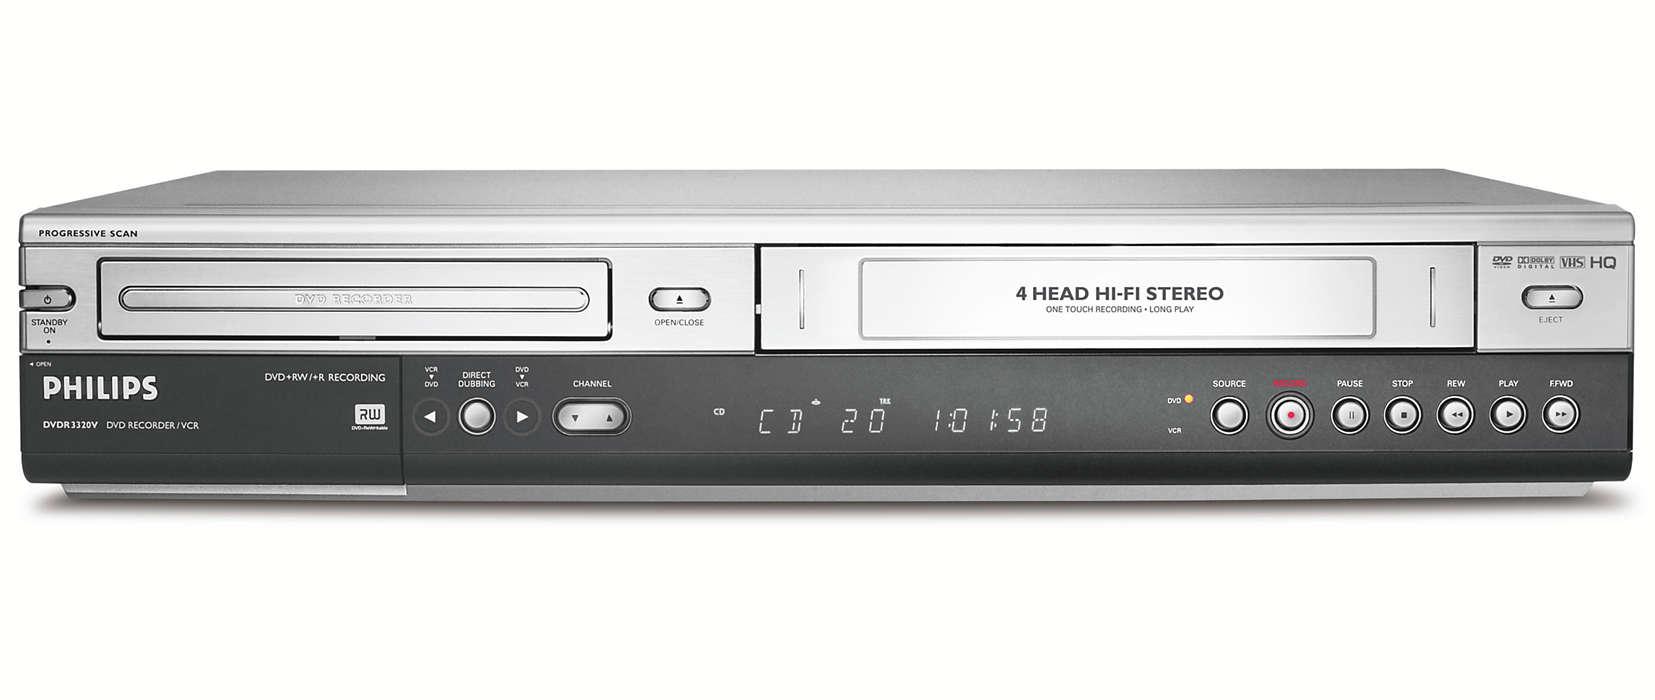 VHS kasetlerinizi DVD'de koruyun